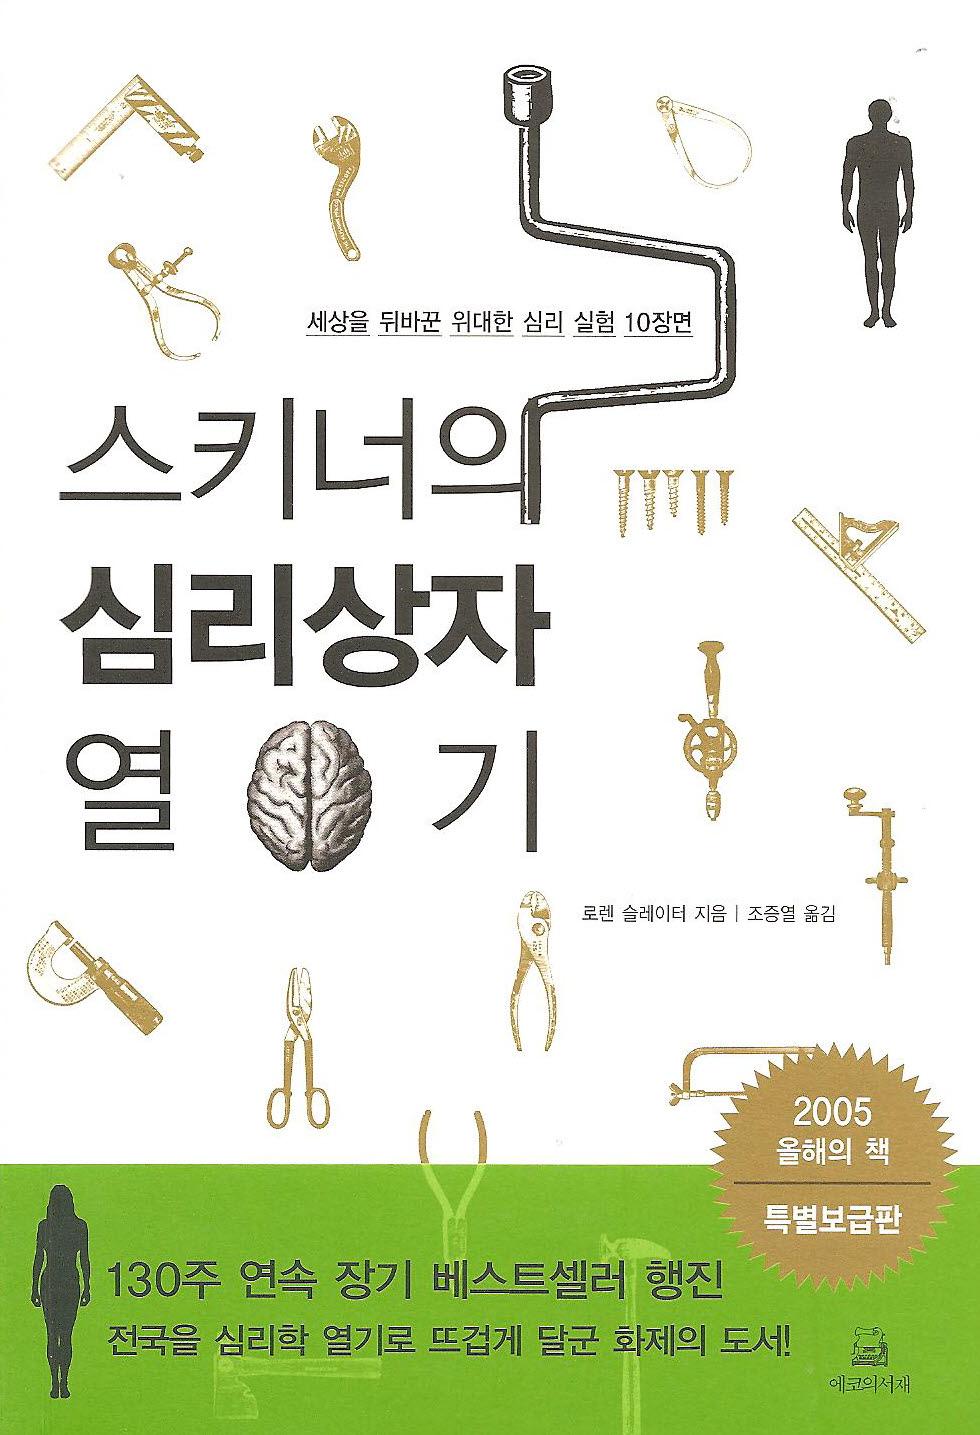 [책] 스키너의 심리상자 열기 - 로렌 슬레이터